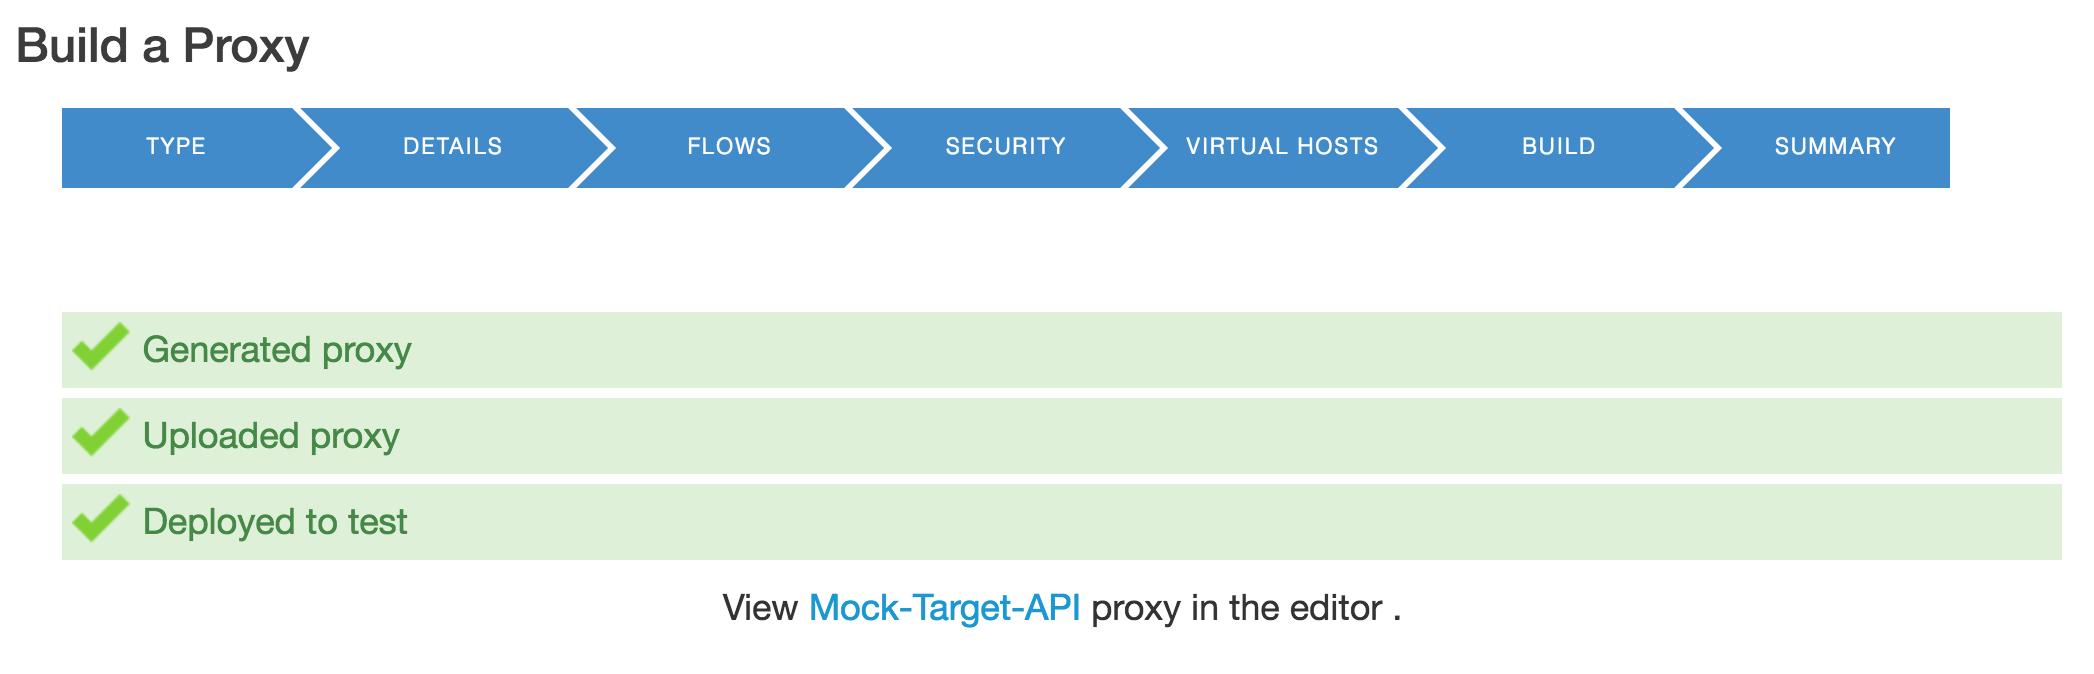 Build a Proxy Summary